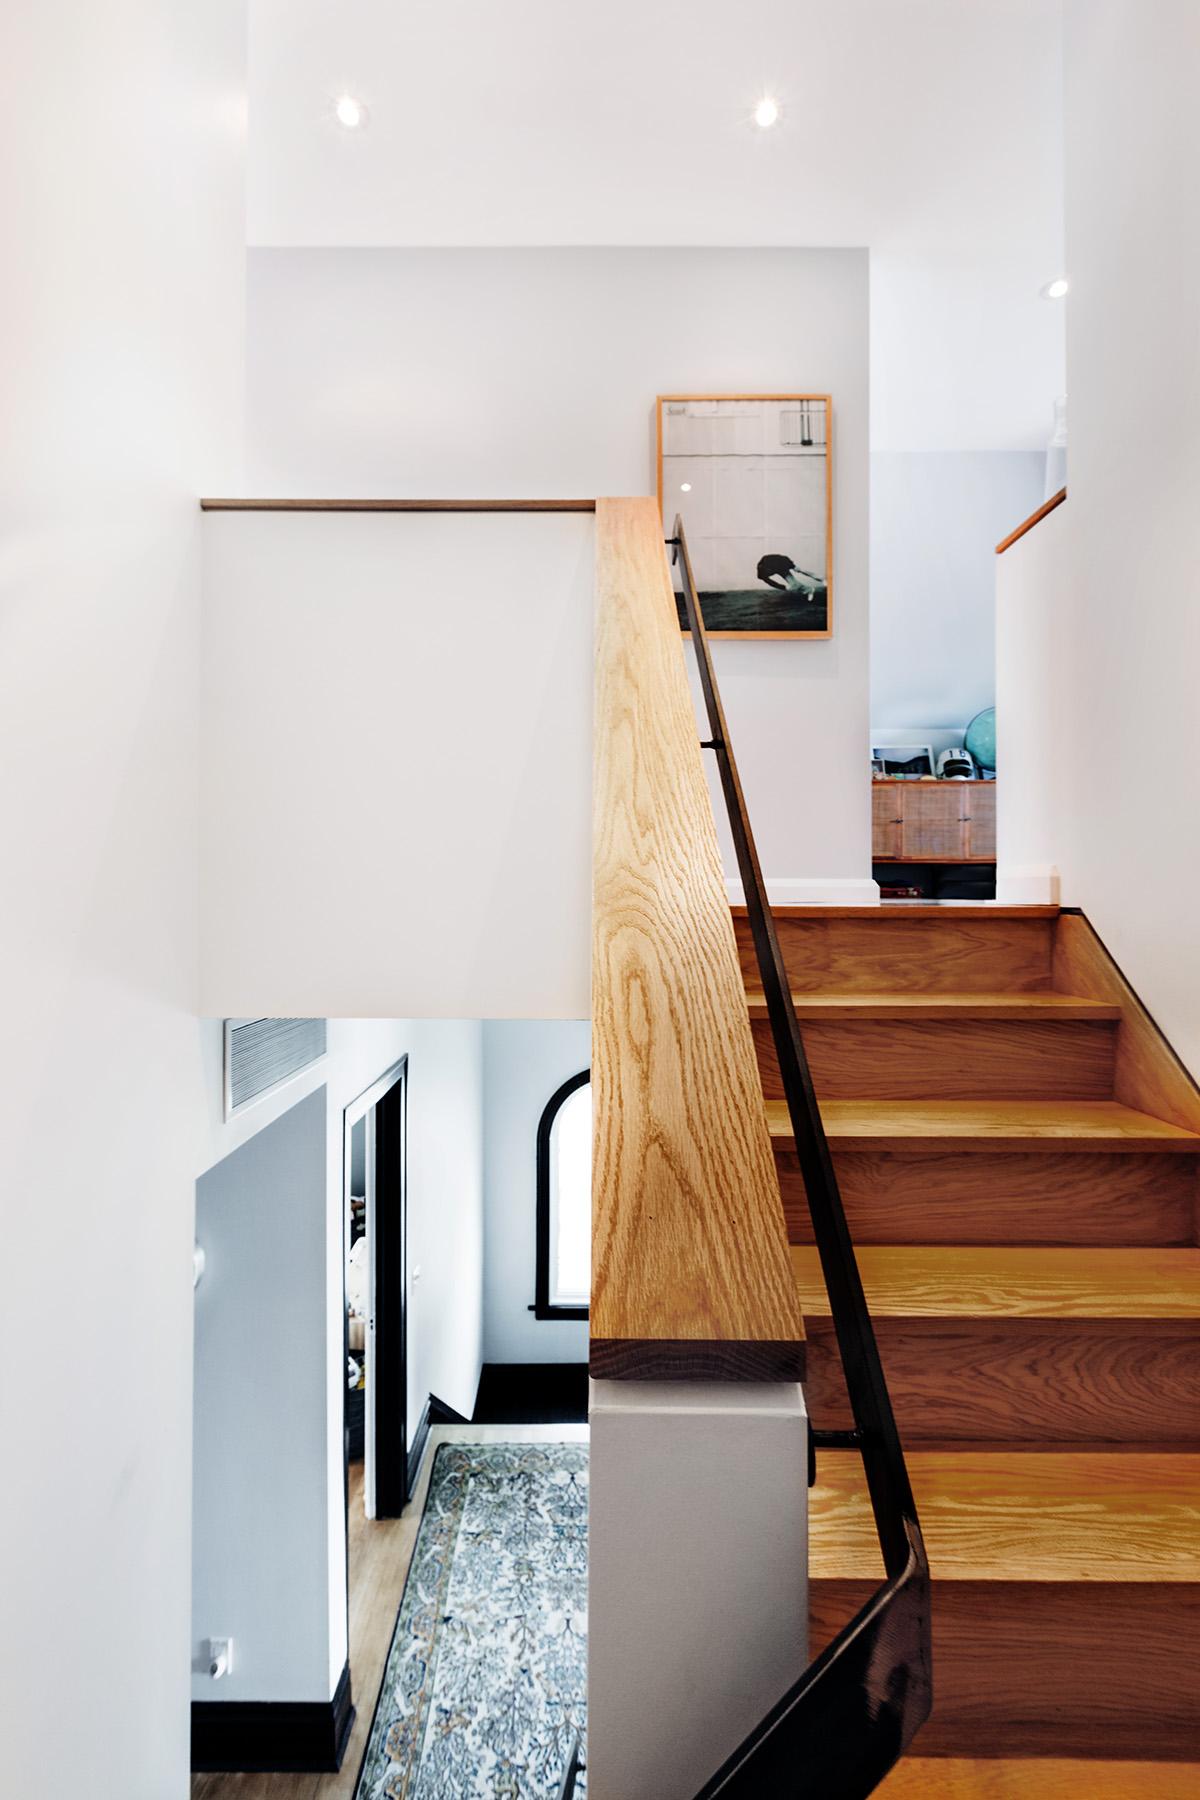 6 Third floor stair 2.jpg